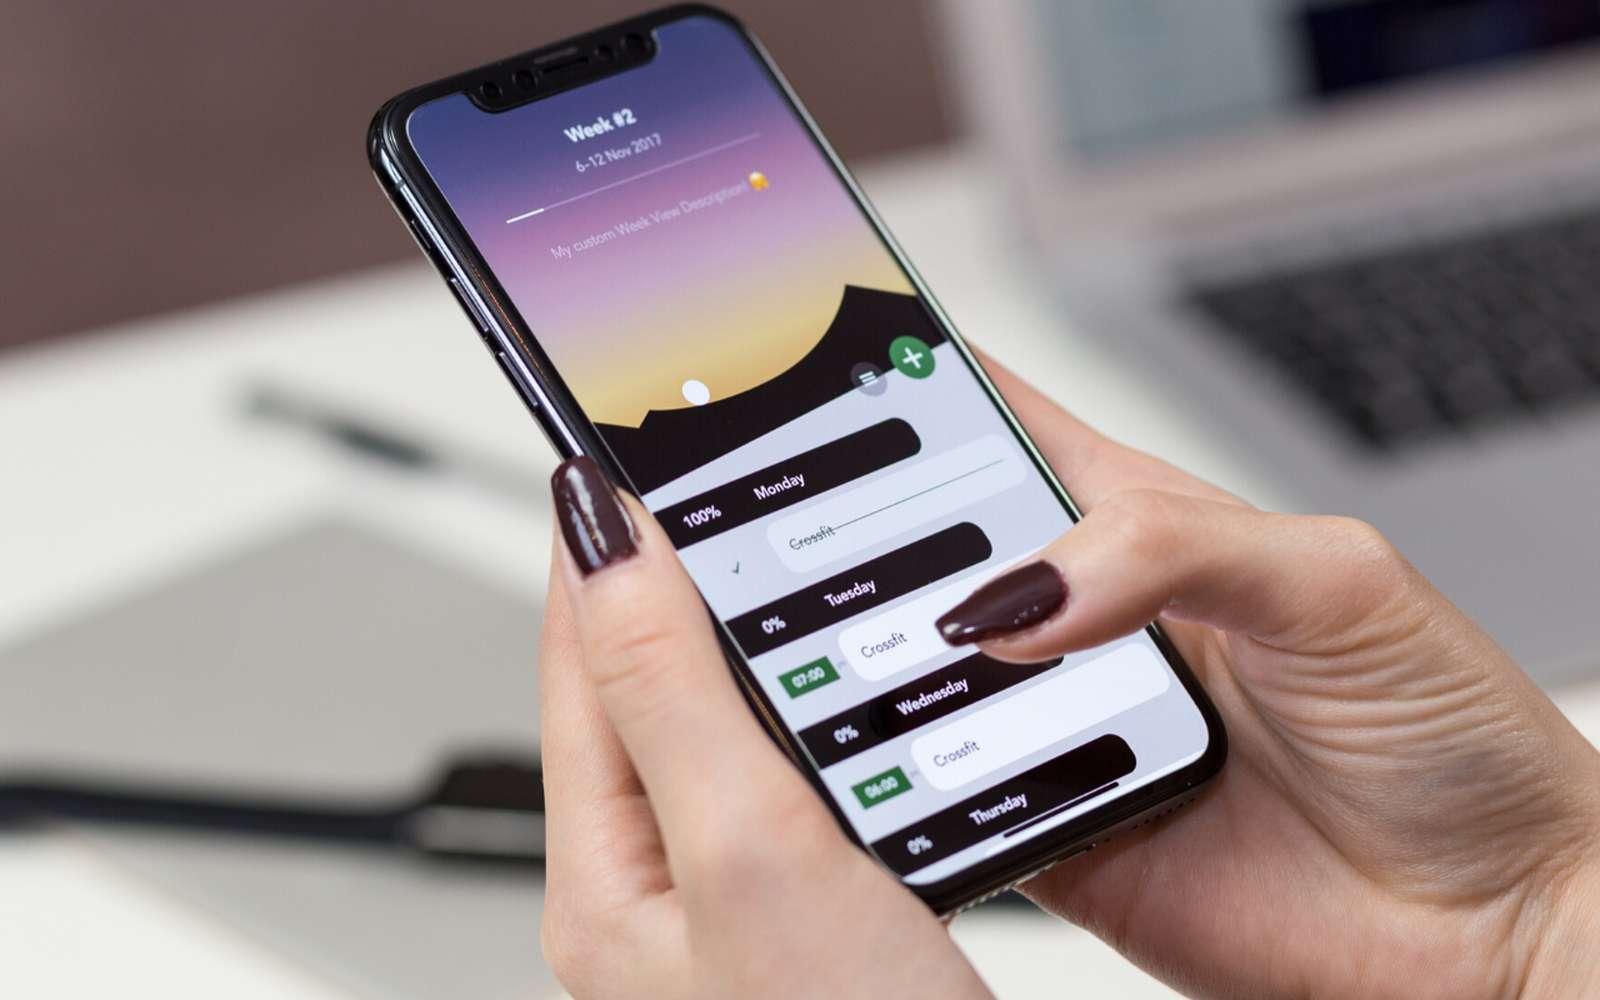 Chaque année, les smartphones font partie des produits les plus recherchés lors du Black Friday et du Cyber Monday. ©Pexels